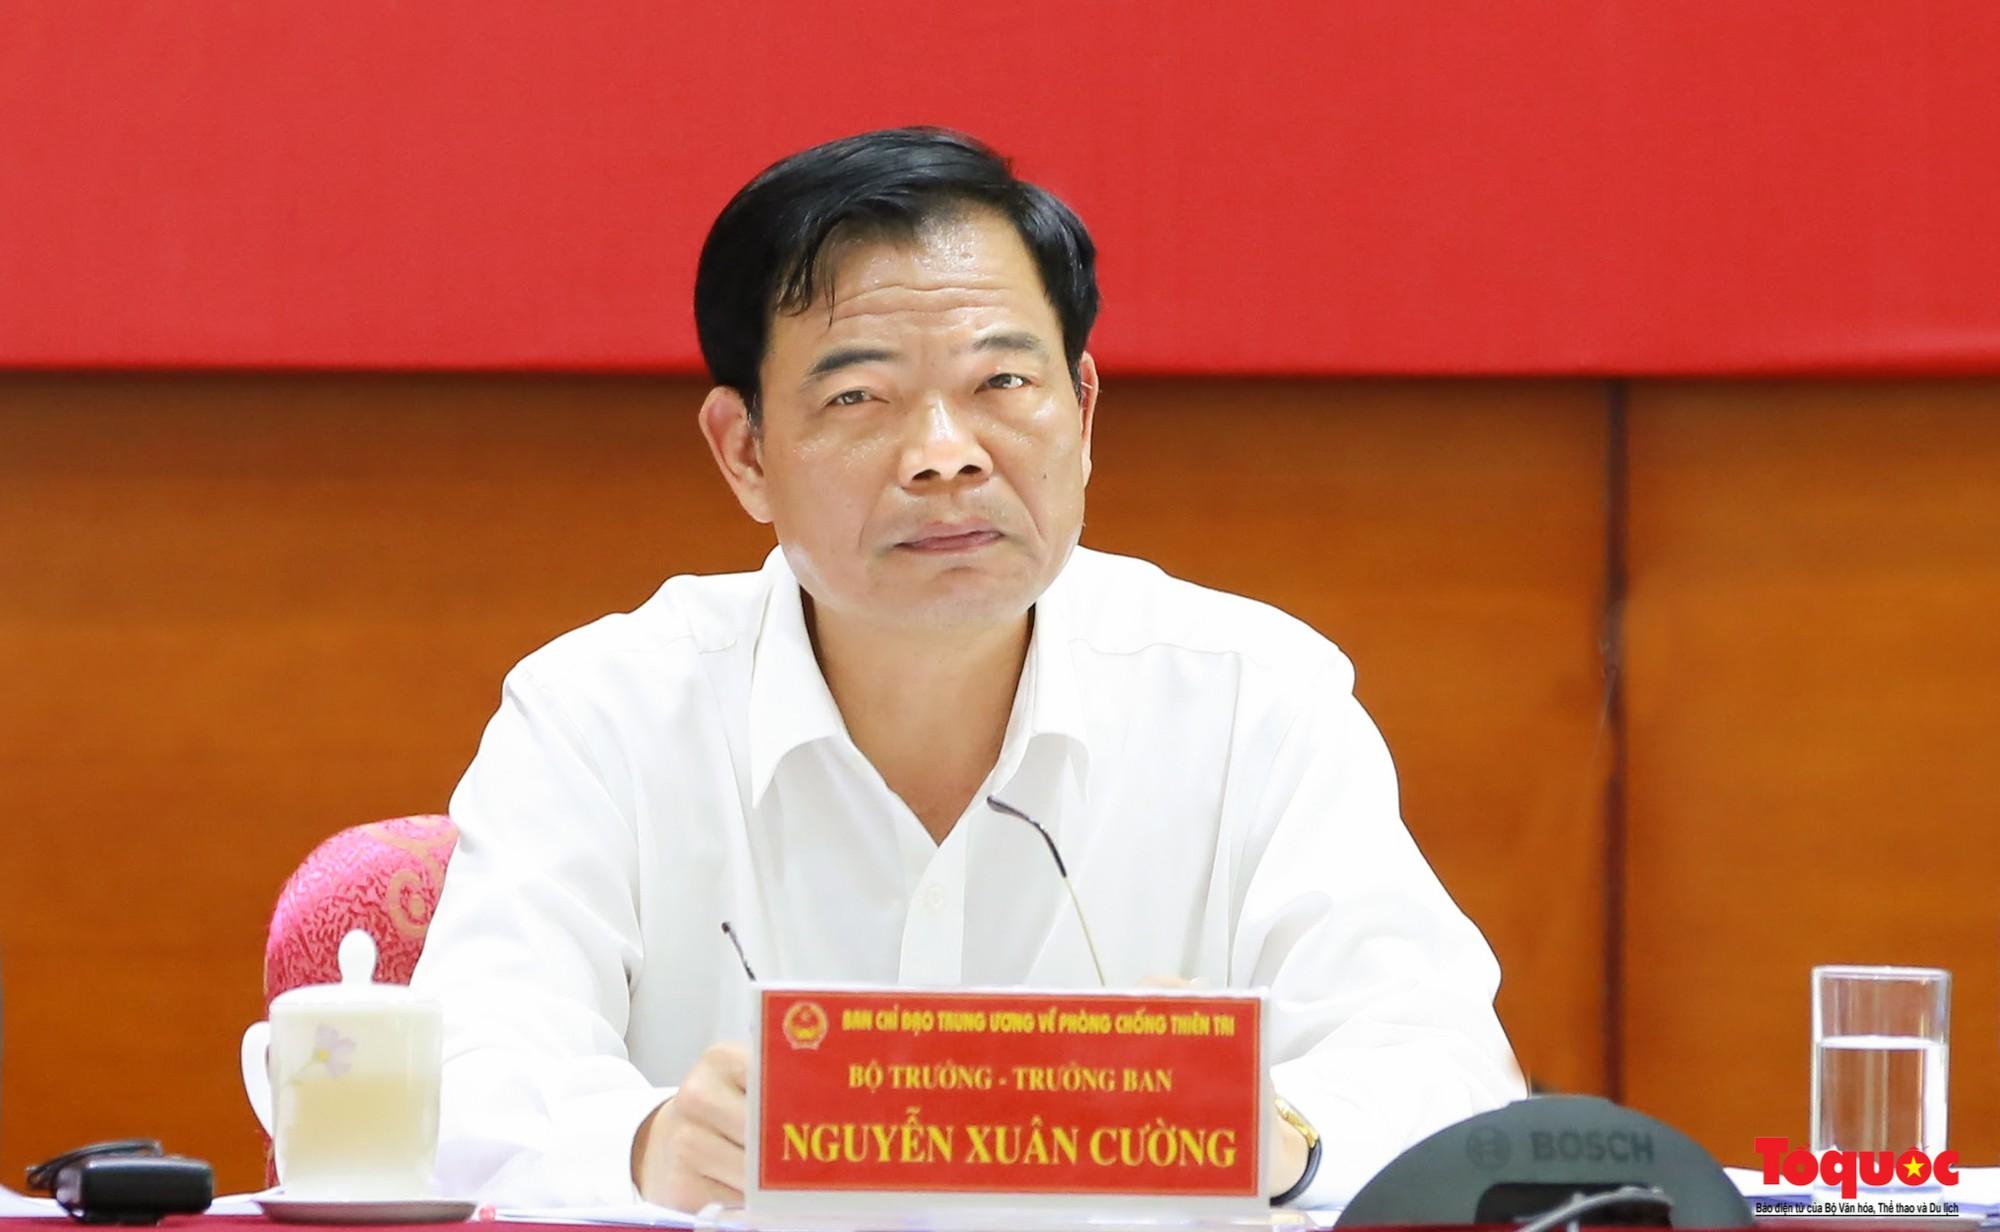 Bộ trưởng Nguyễn Xuân Cường: Nhìn lại thành quả vượt bậc của nông nghiệp Việt Nam với những con số ấn tượng nhất  - Ảnh 1.